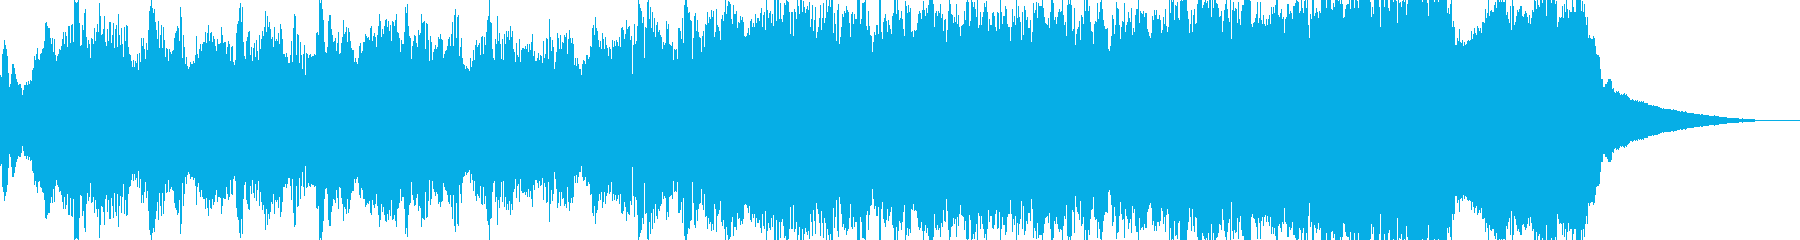 白夜のイメージの再生済みの波形